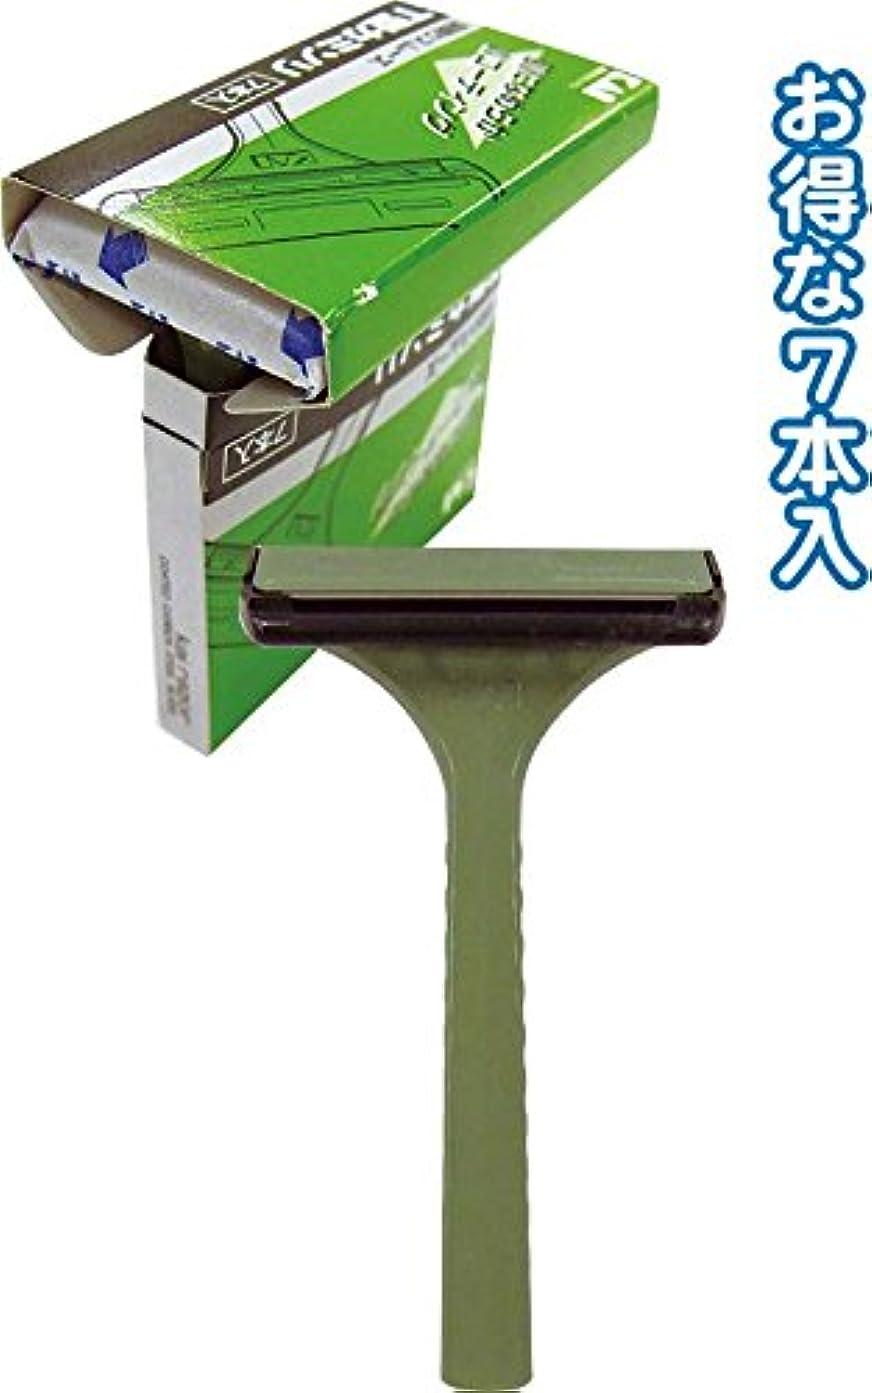 経度もっと少なく味付け貝印 T型カミソリ7本入 01247 【まとめ買い10個セット】 21-058